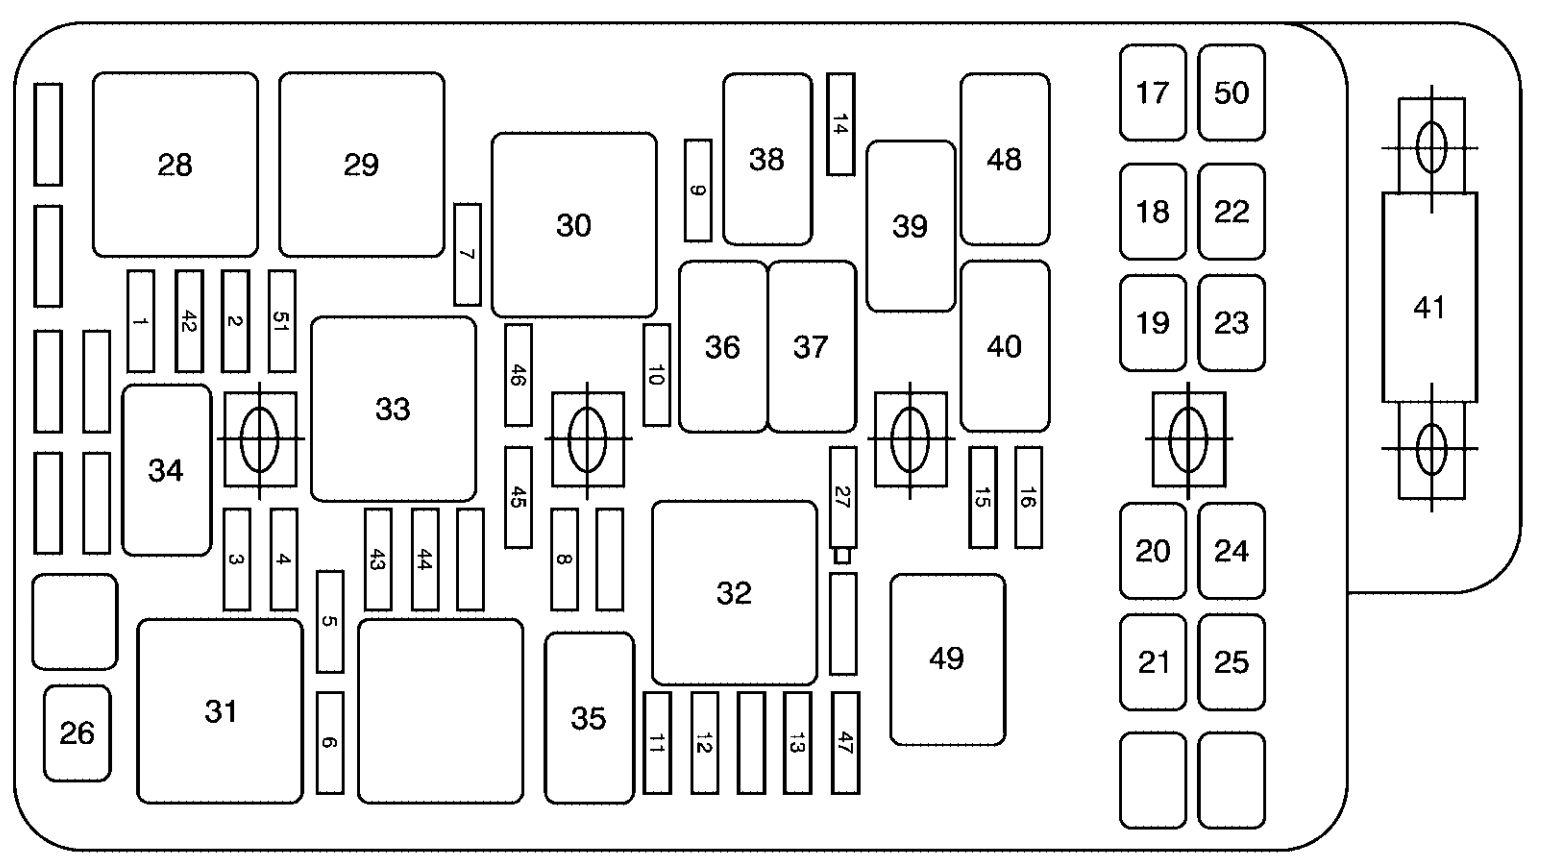 02 mercury grand marquis fuse box diagram